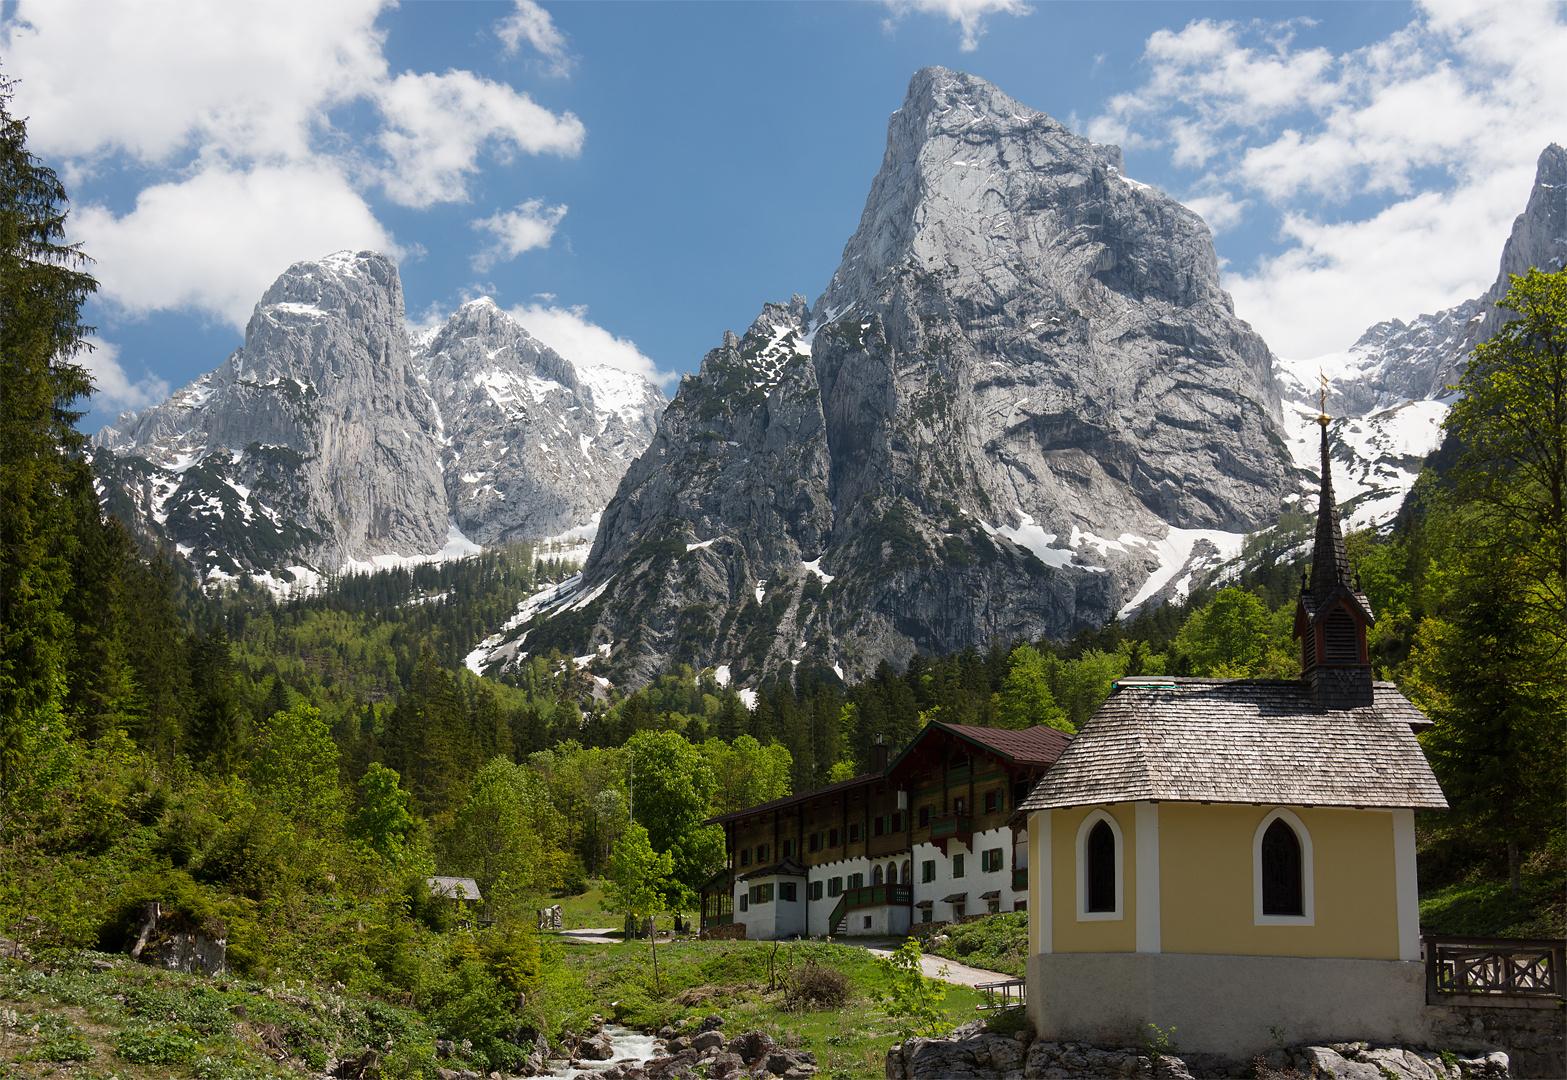 Herrliche Berge Foto & Bild   natur, österreich, landschaft Bilder auf fotocommunity